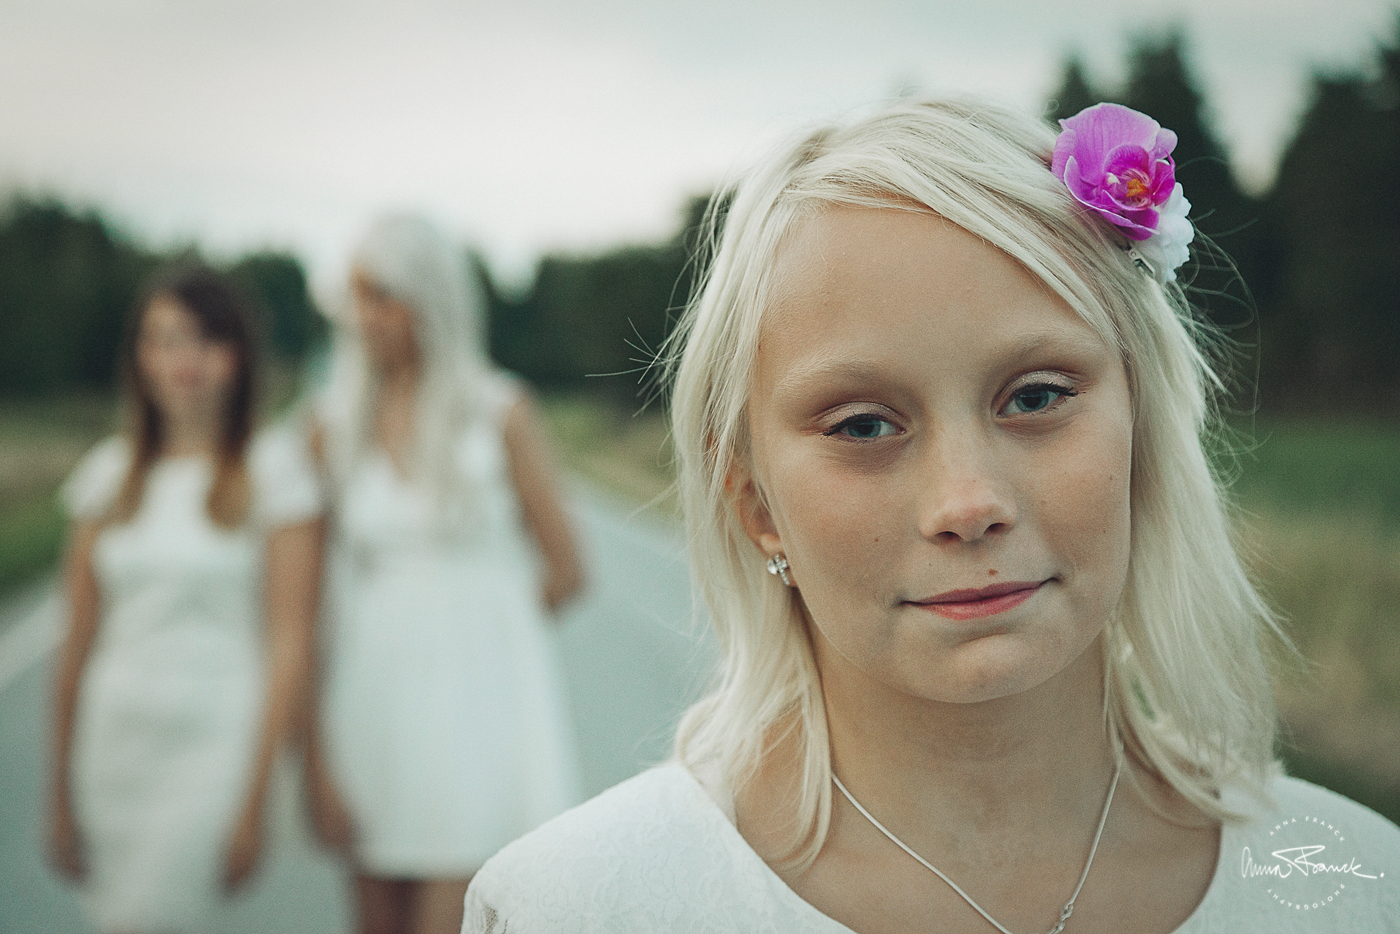 family, familj, systrar, siblings, sisarukset, perhekuva, fotografering, konfirmation, valokuvaus, pargas, parainen, anna, franck, sunset, solnedgång, soft, light, naturligt, luonnollista, sattmark, rippikuva, stockholm, fotograf